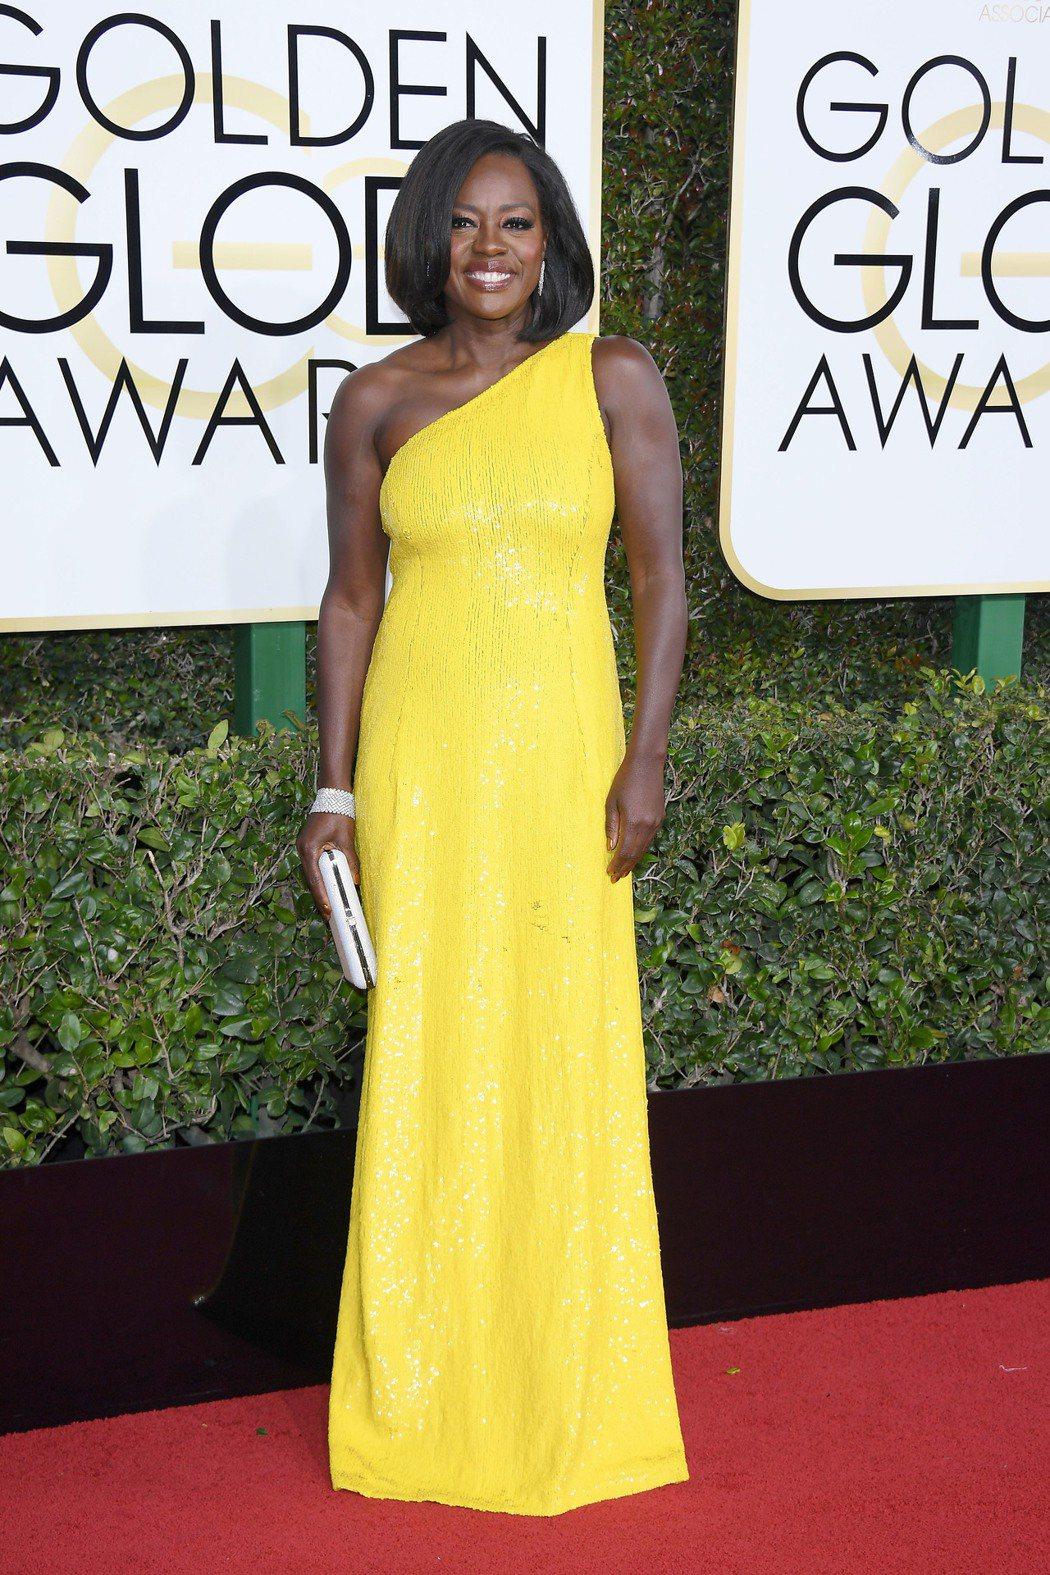 金球獎電影類女配角得主維拉戴維斯配戴海瑞溫斯頓珠寶出席盛會。圖/海瑞溫斯頓提供